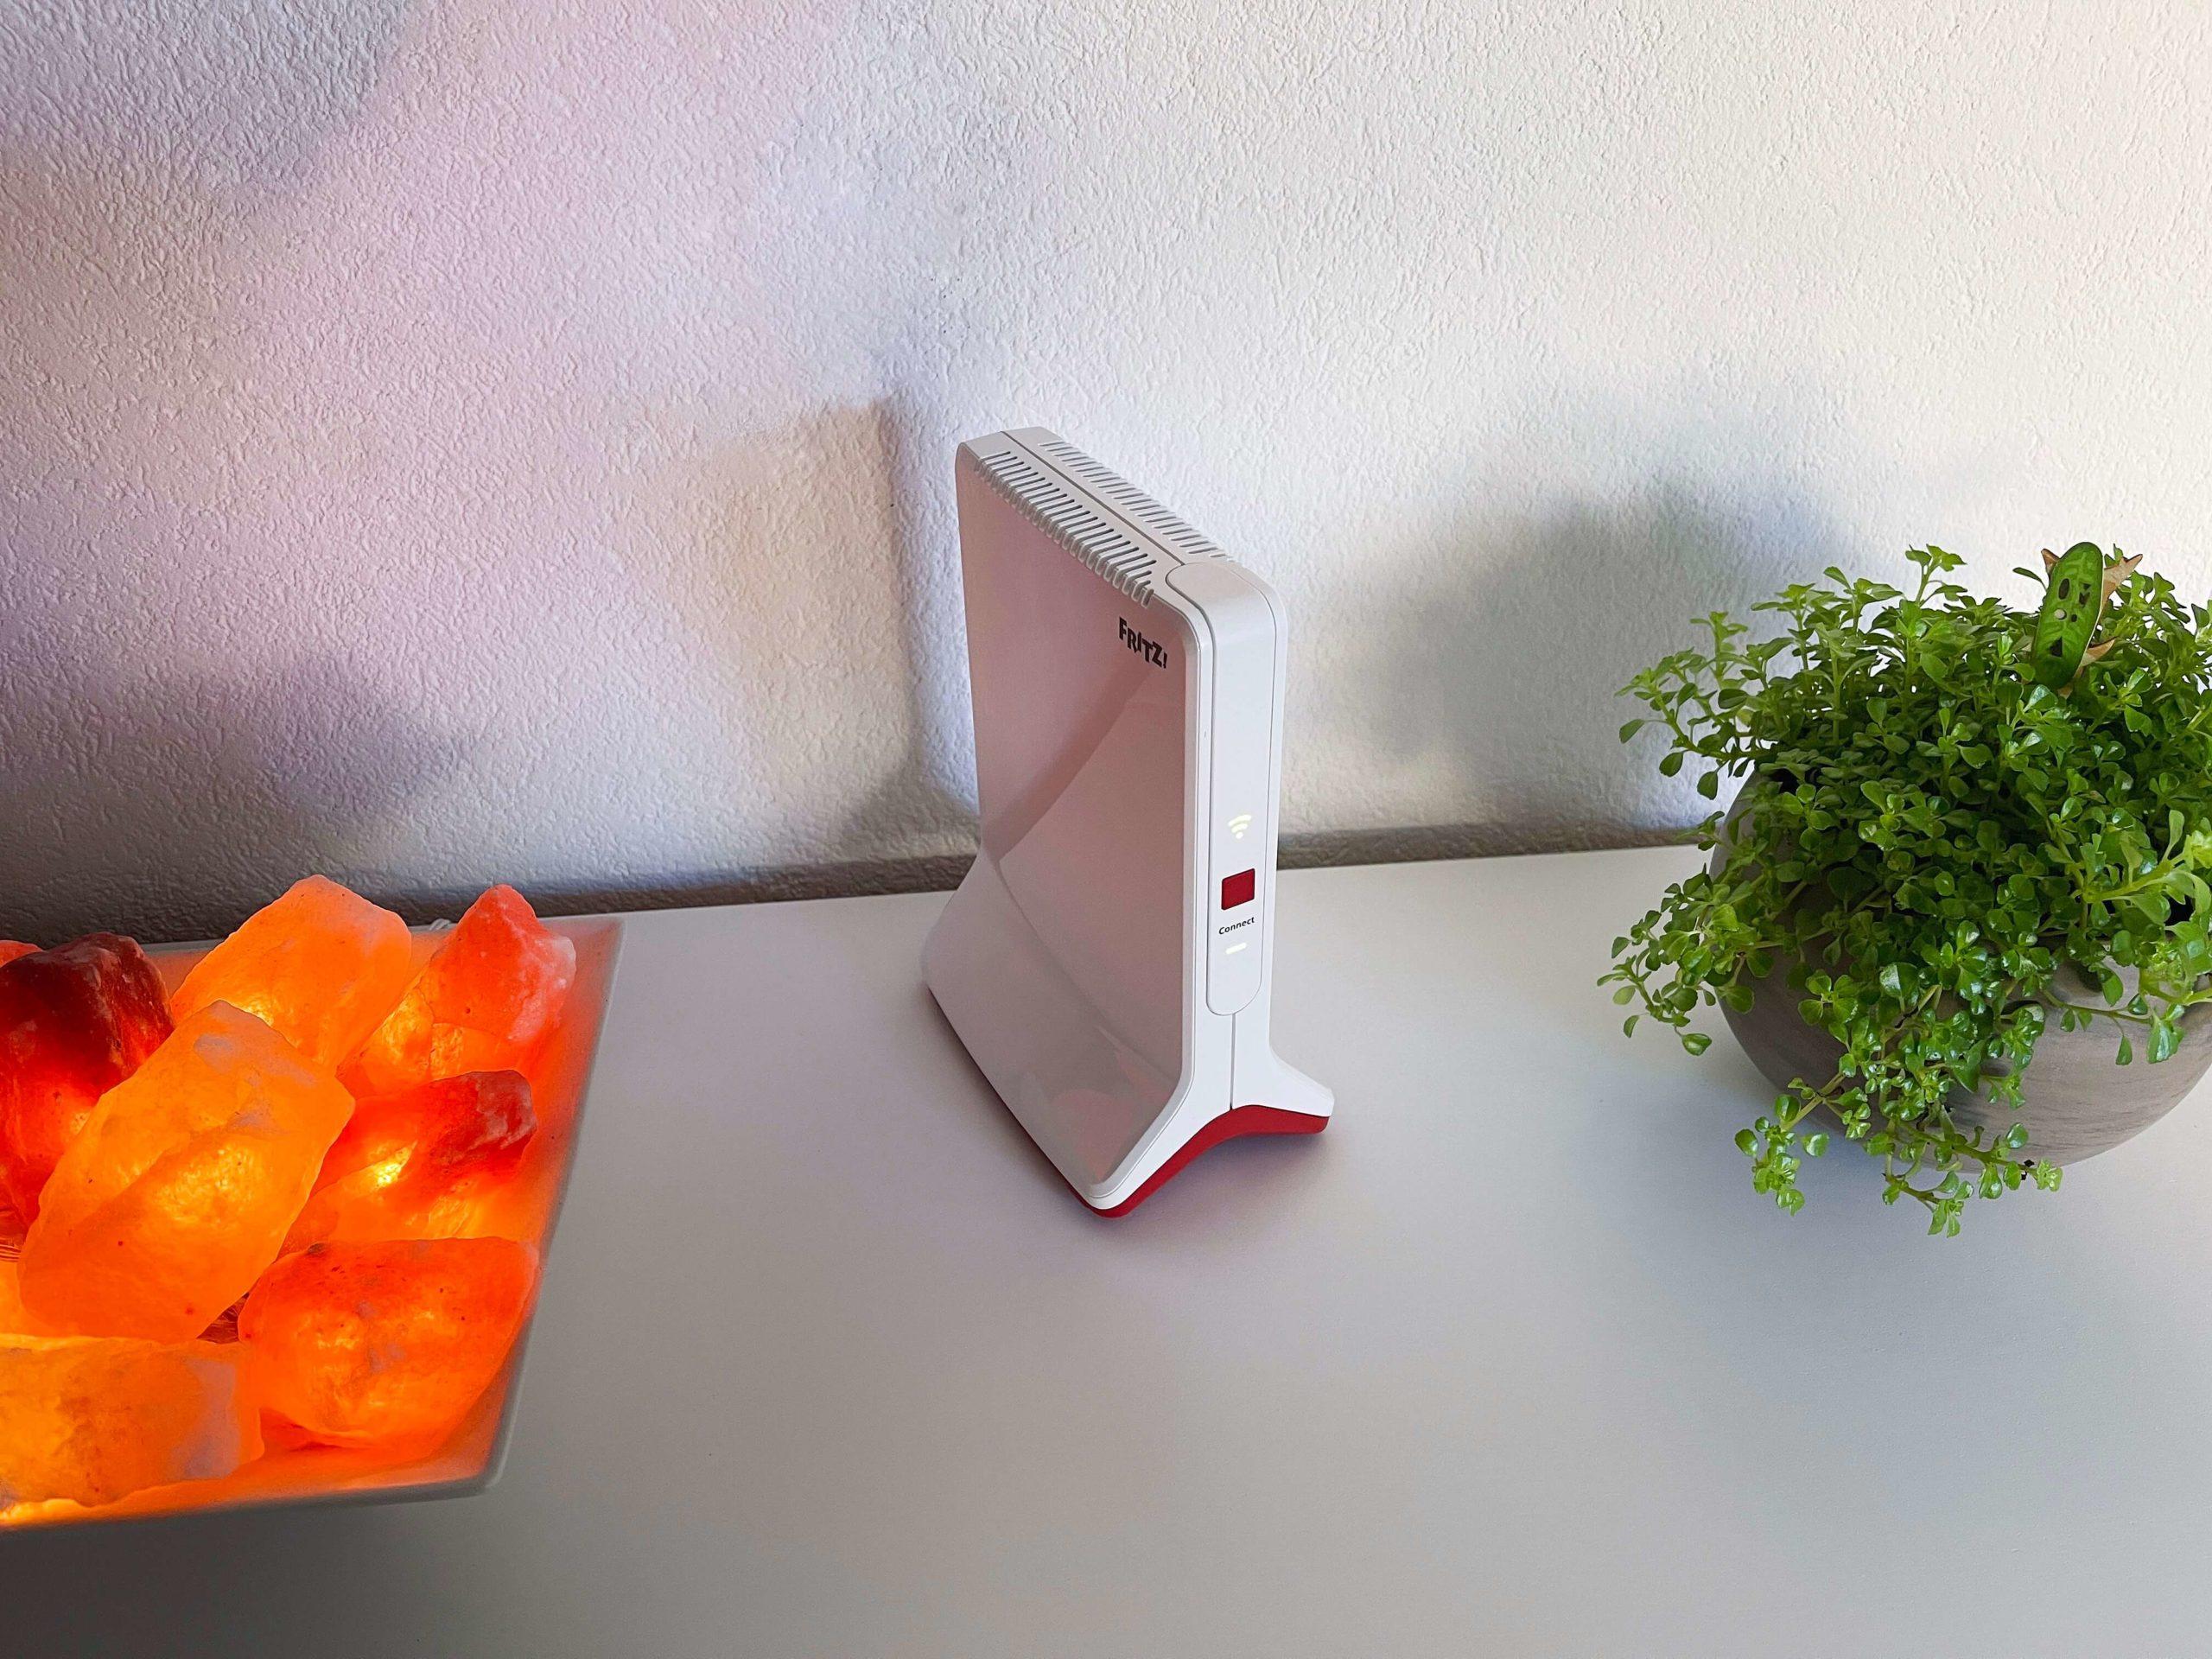 FRITZRepeater-6000-von-AVM-mehr-Wi-Fi-6-Reichweite-im-ganzen-Haus3-scaled FRITZ!Repeater 6000 von AVM  - mehr Wi-Fi 6 Reichweite im ganzen Haus